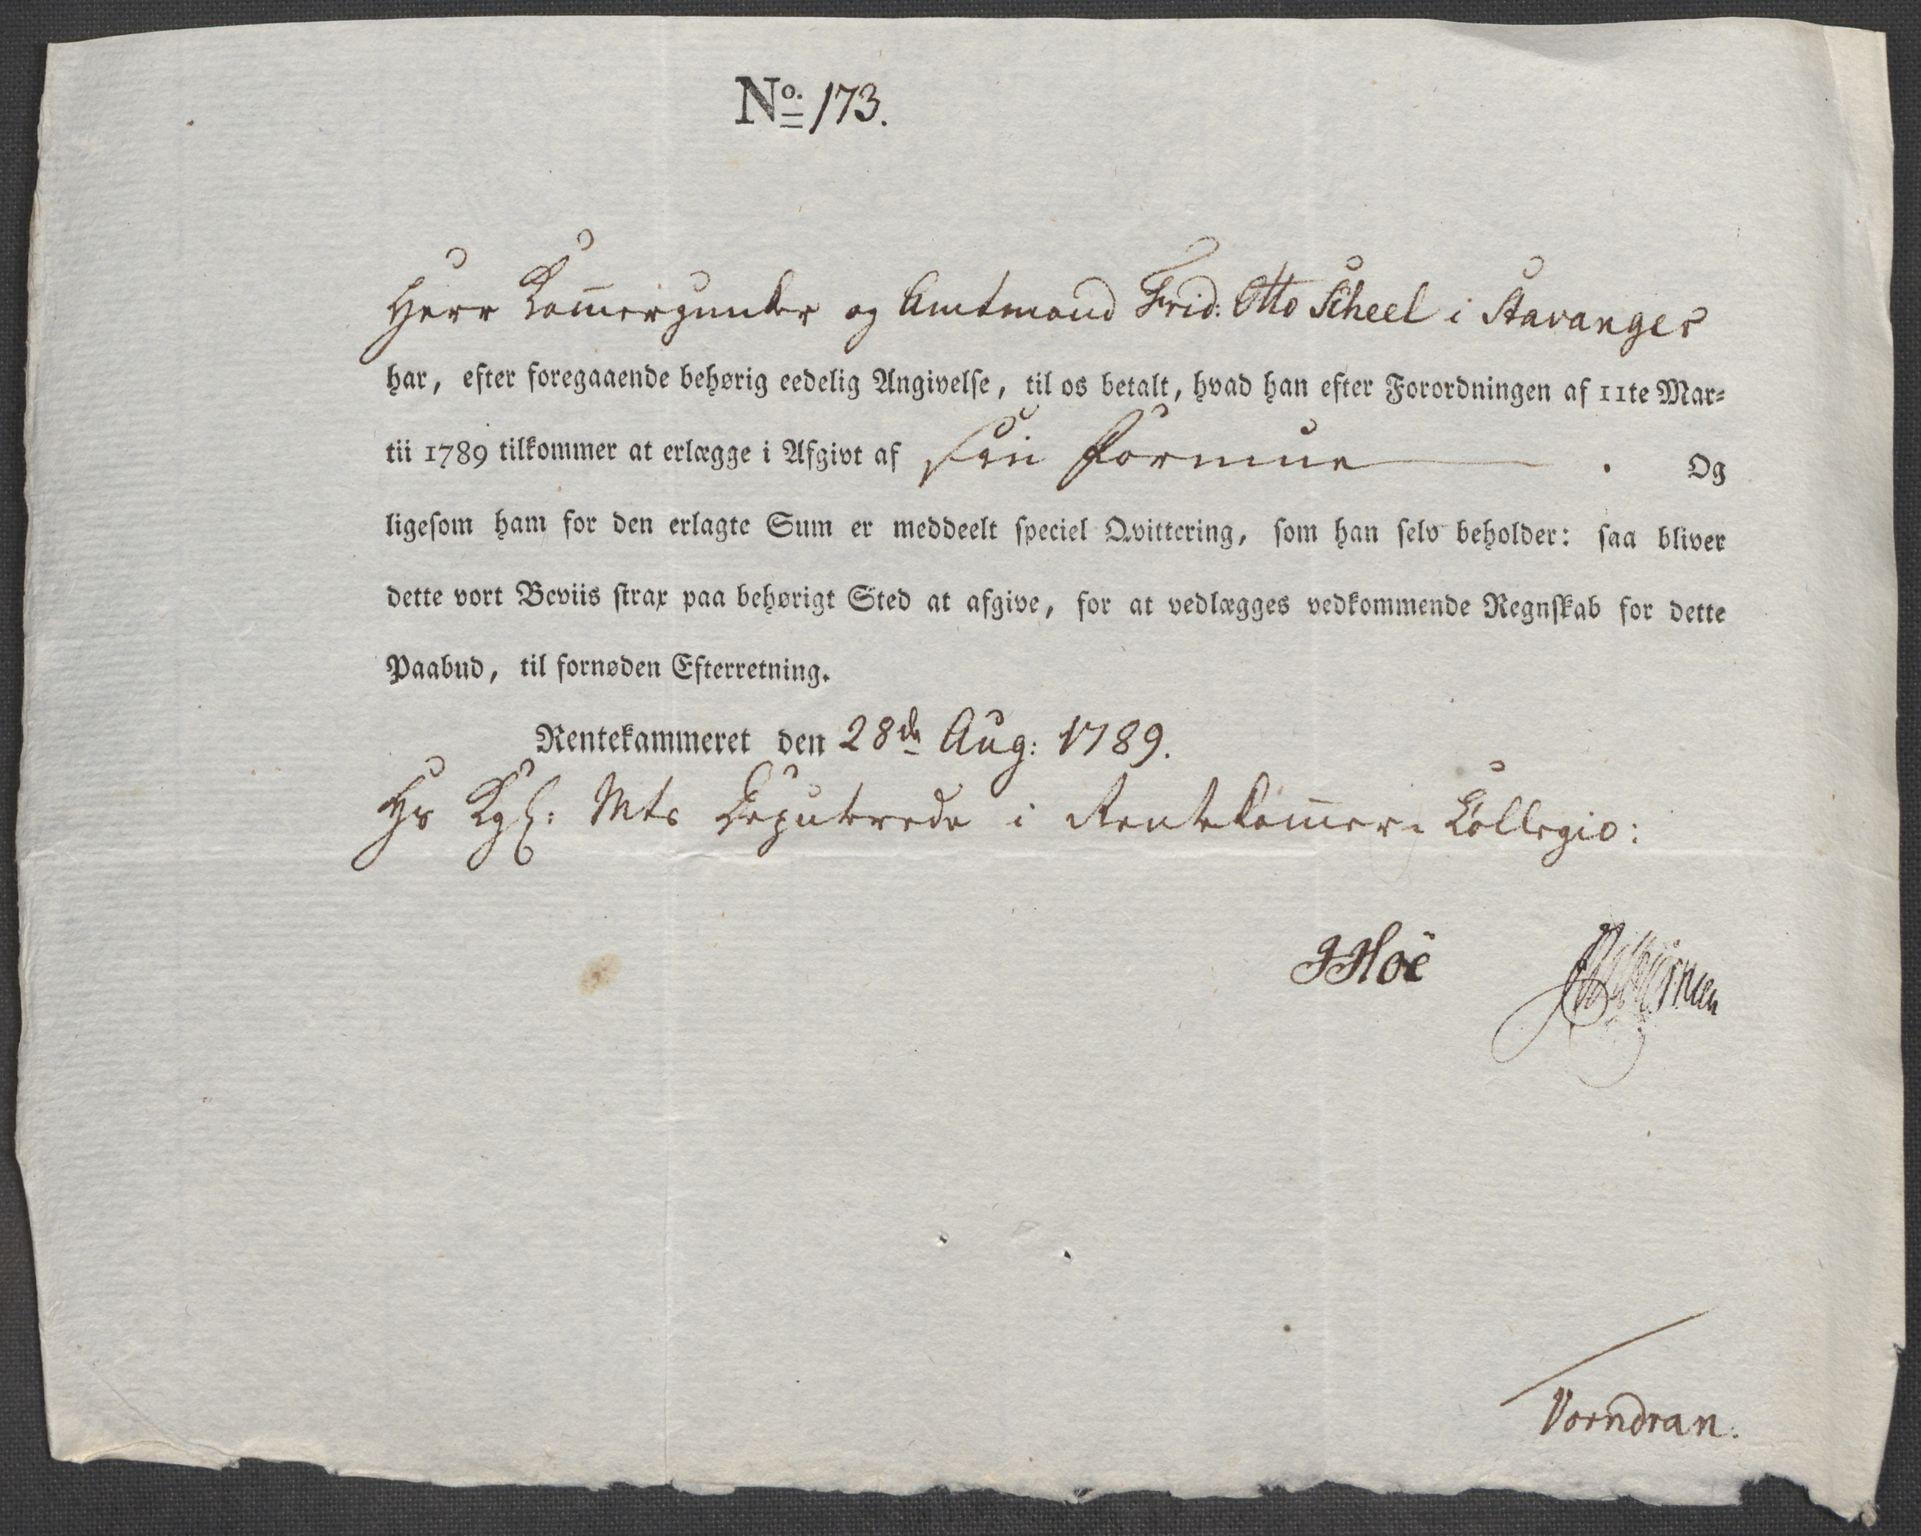 RA, Rentekammeret inntil 1814, Reviderte regnskaper, Mindre regnskaper, Rf/Rfe/L0045: Stavanger, Stjørdal og Verdal fogderi, 1789, s. 120